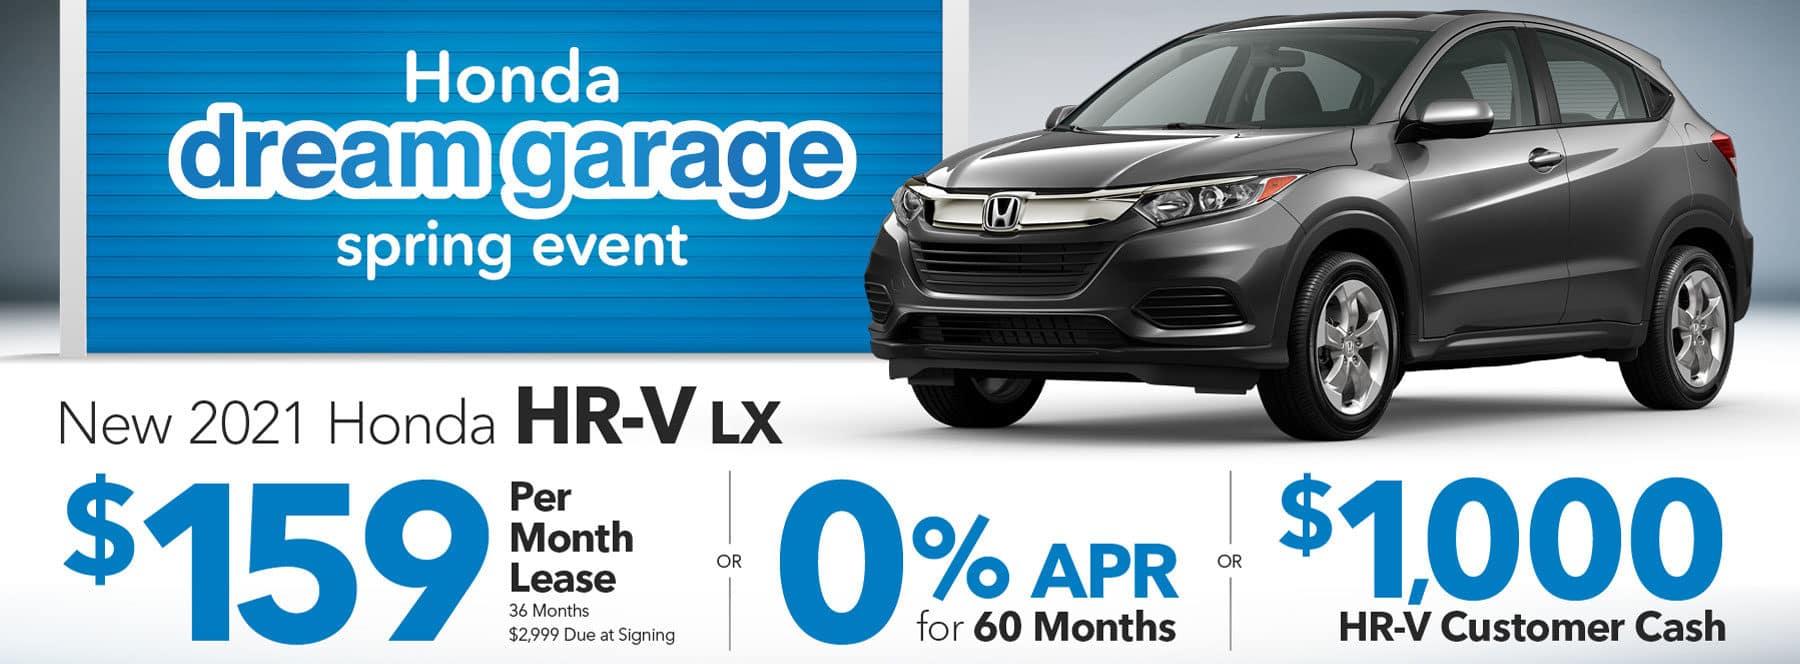 Dream Garage HRV